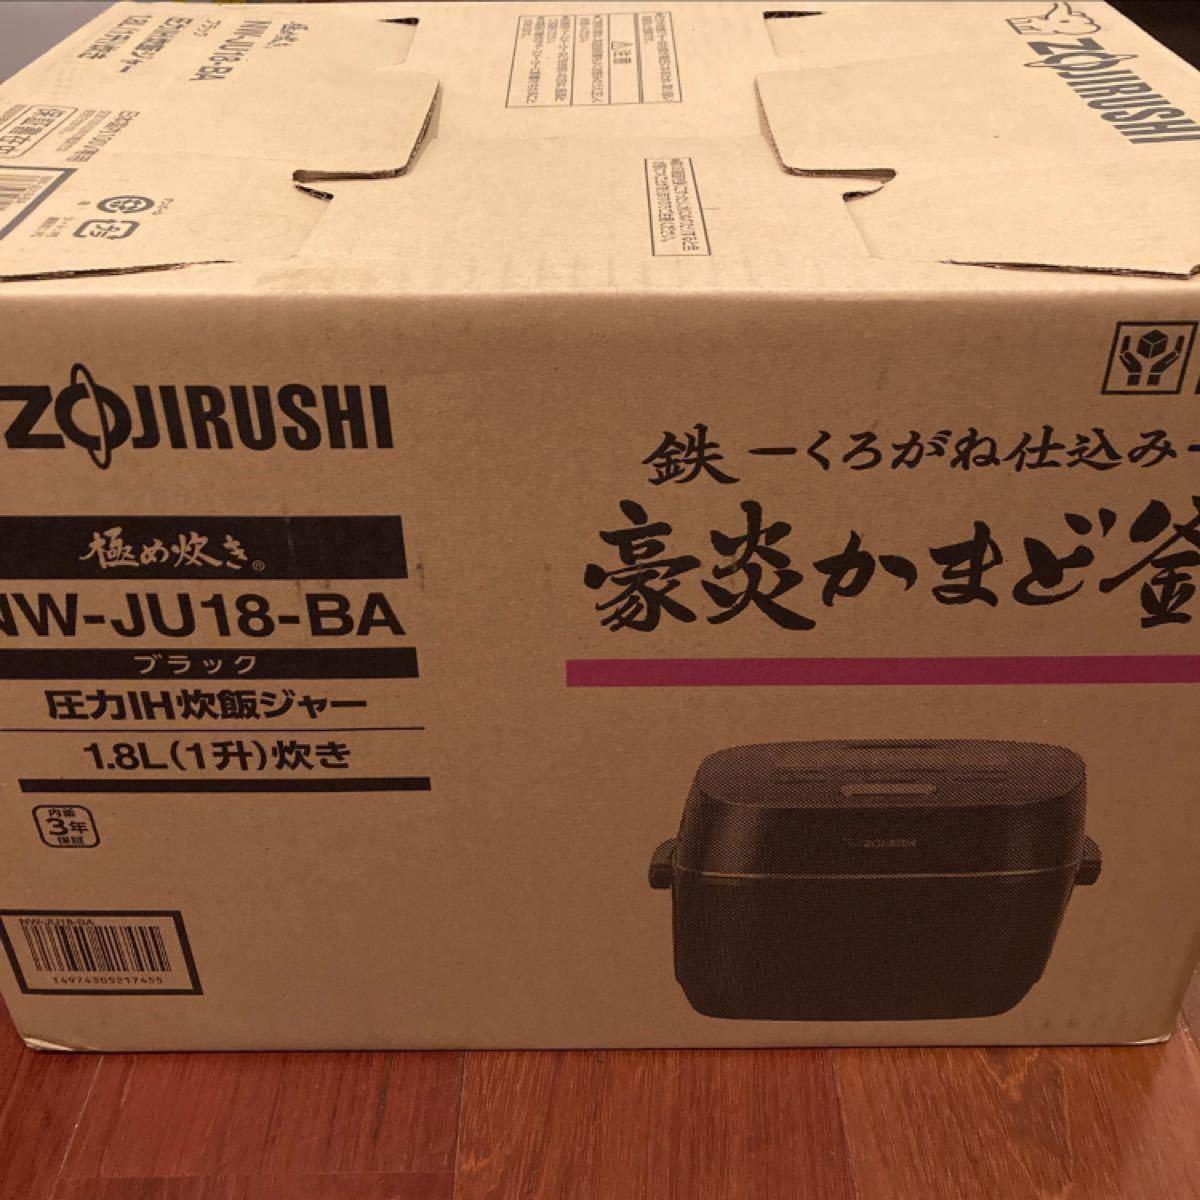 象印 圧力IH炊飯ジャー 極め炊き 一升焚き   NW-JU18-BA [NWJU18BA] ZOJIRUSHI 炊飯器